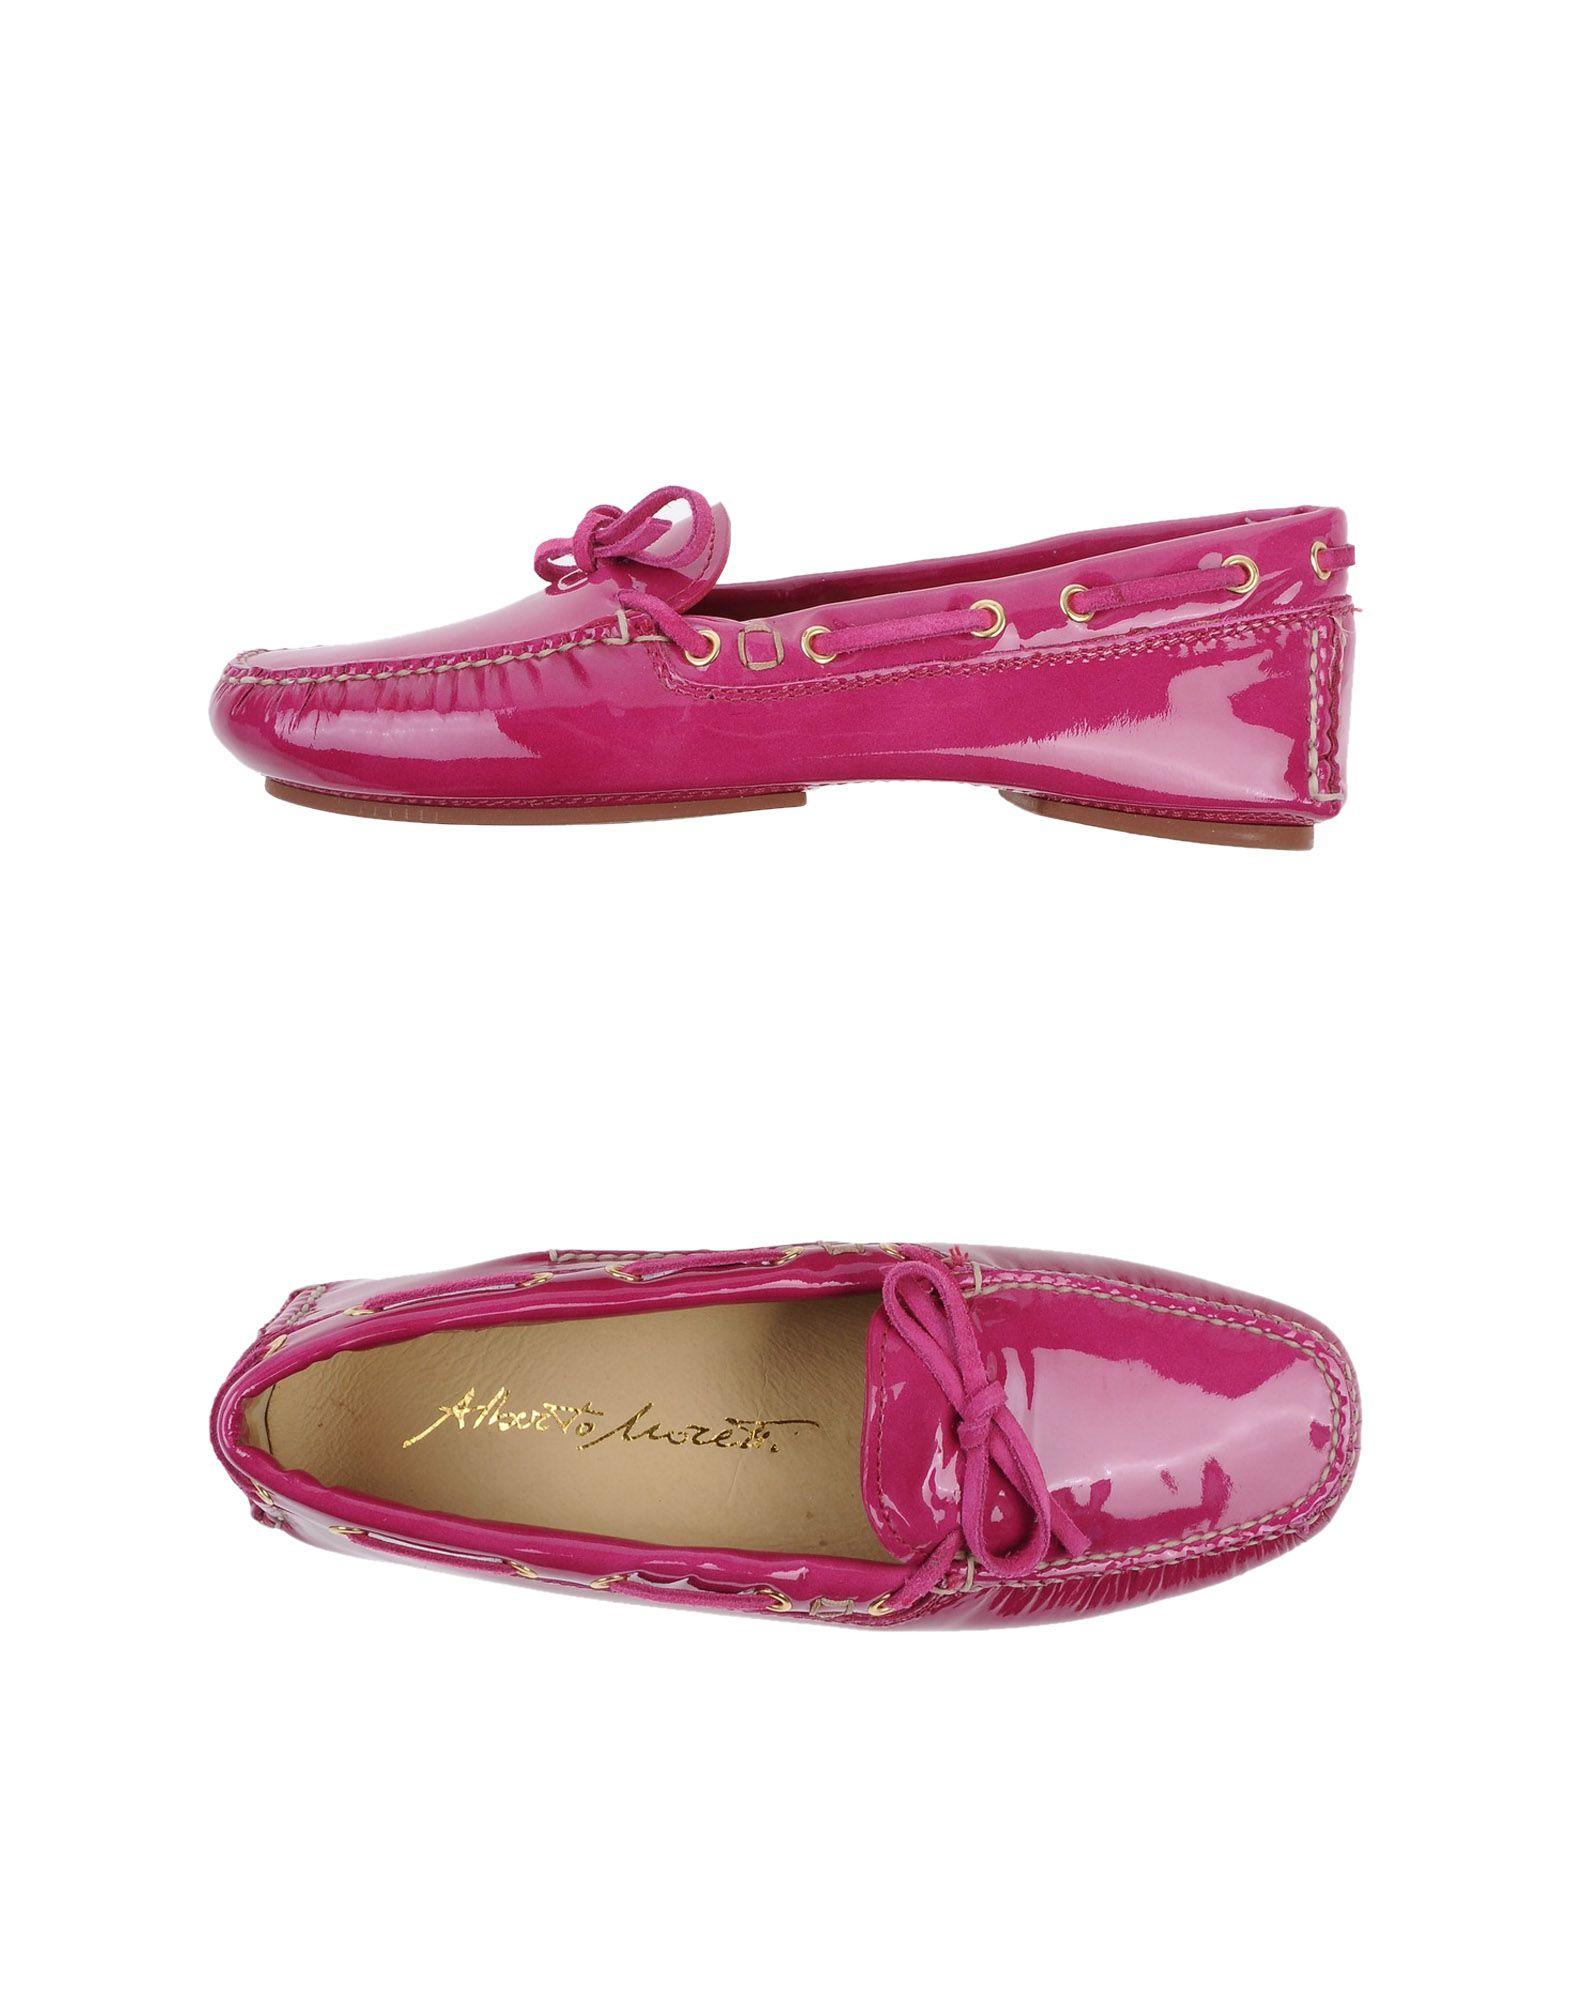 Alberto Moretti Mens Shoes